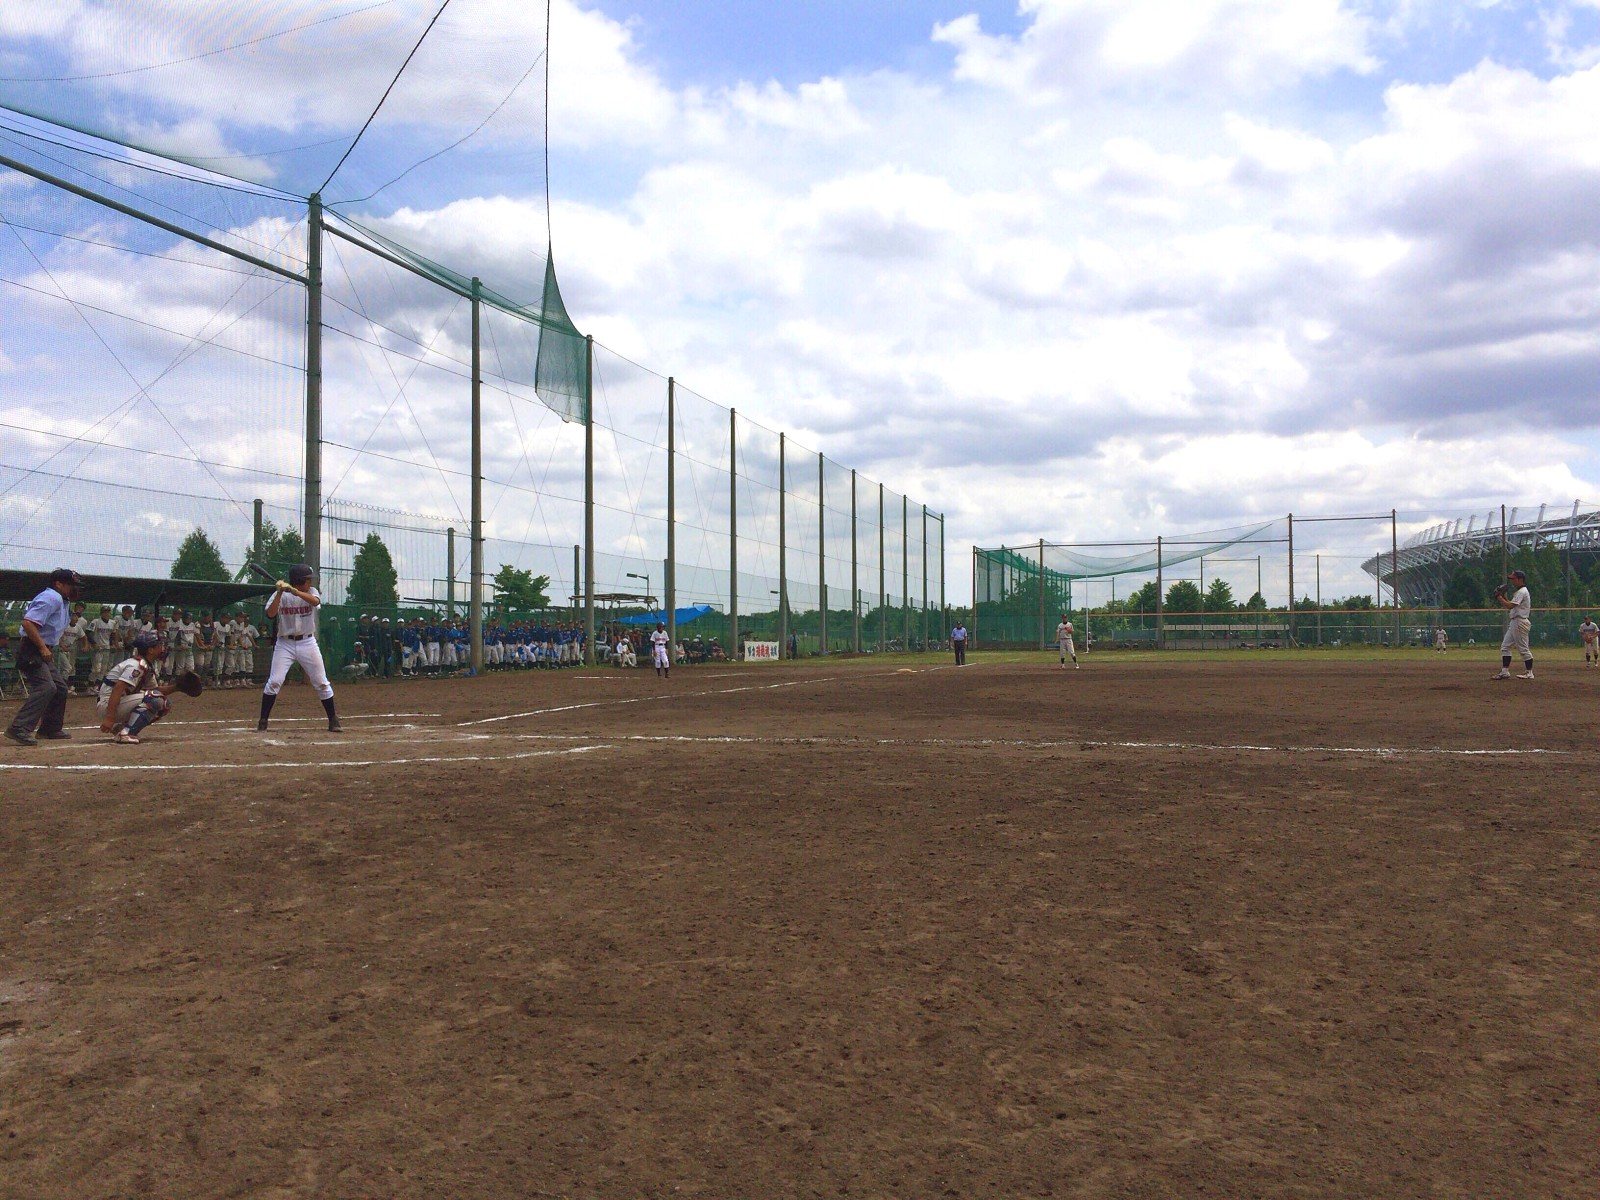 2015メイコウカップ関東連盟夏季大会 3回戦 瑞穂リトルシニア戦